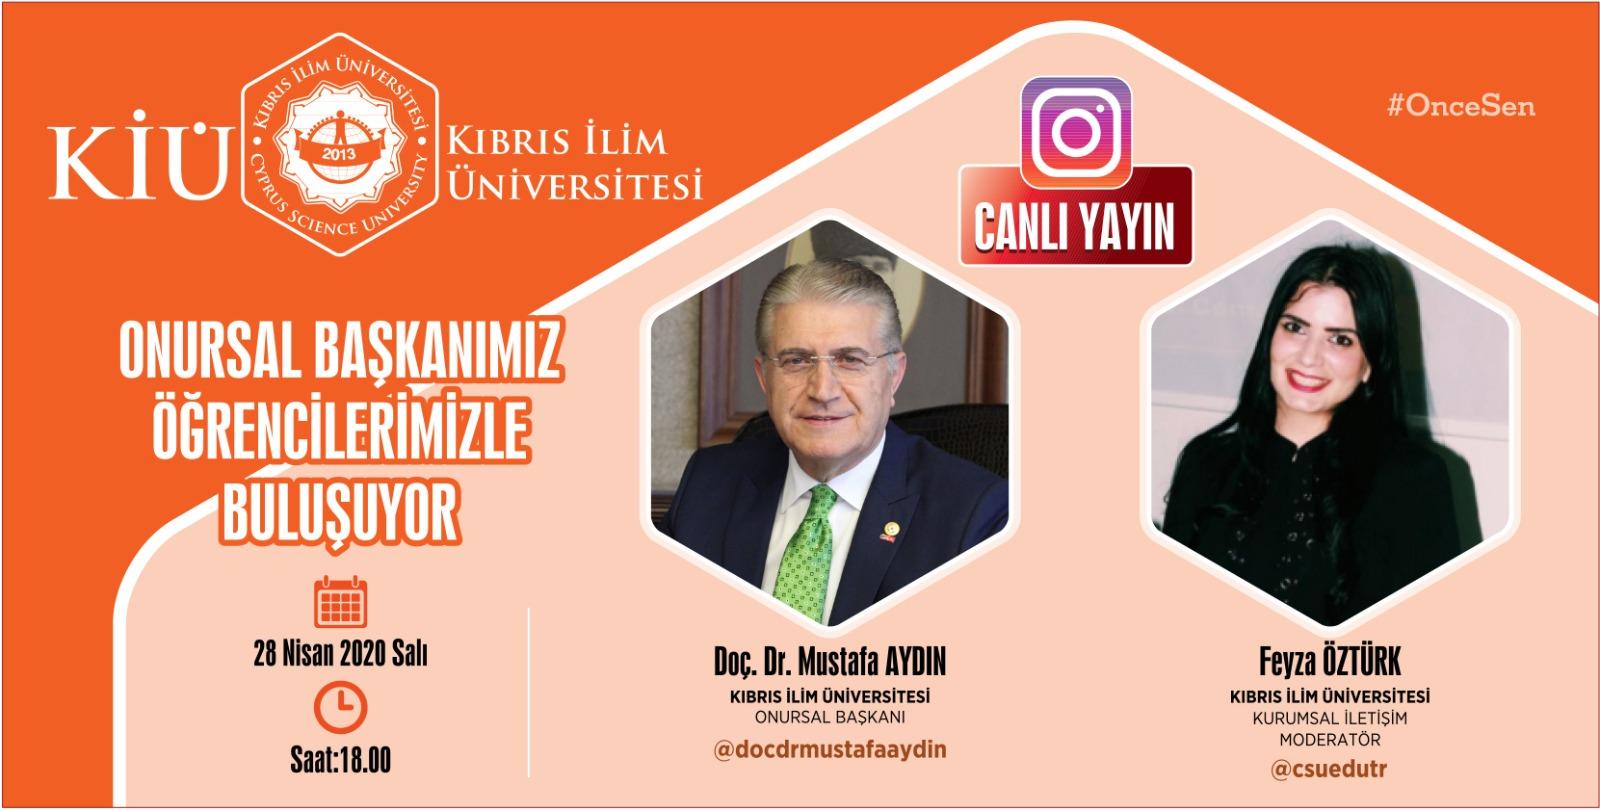 https://mustafaaydin.com/wp-content/uploads/2020/06/KİÜ-CANLI-YAYIN.jpg